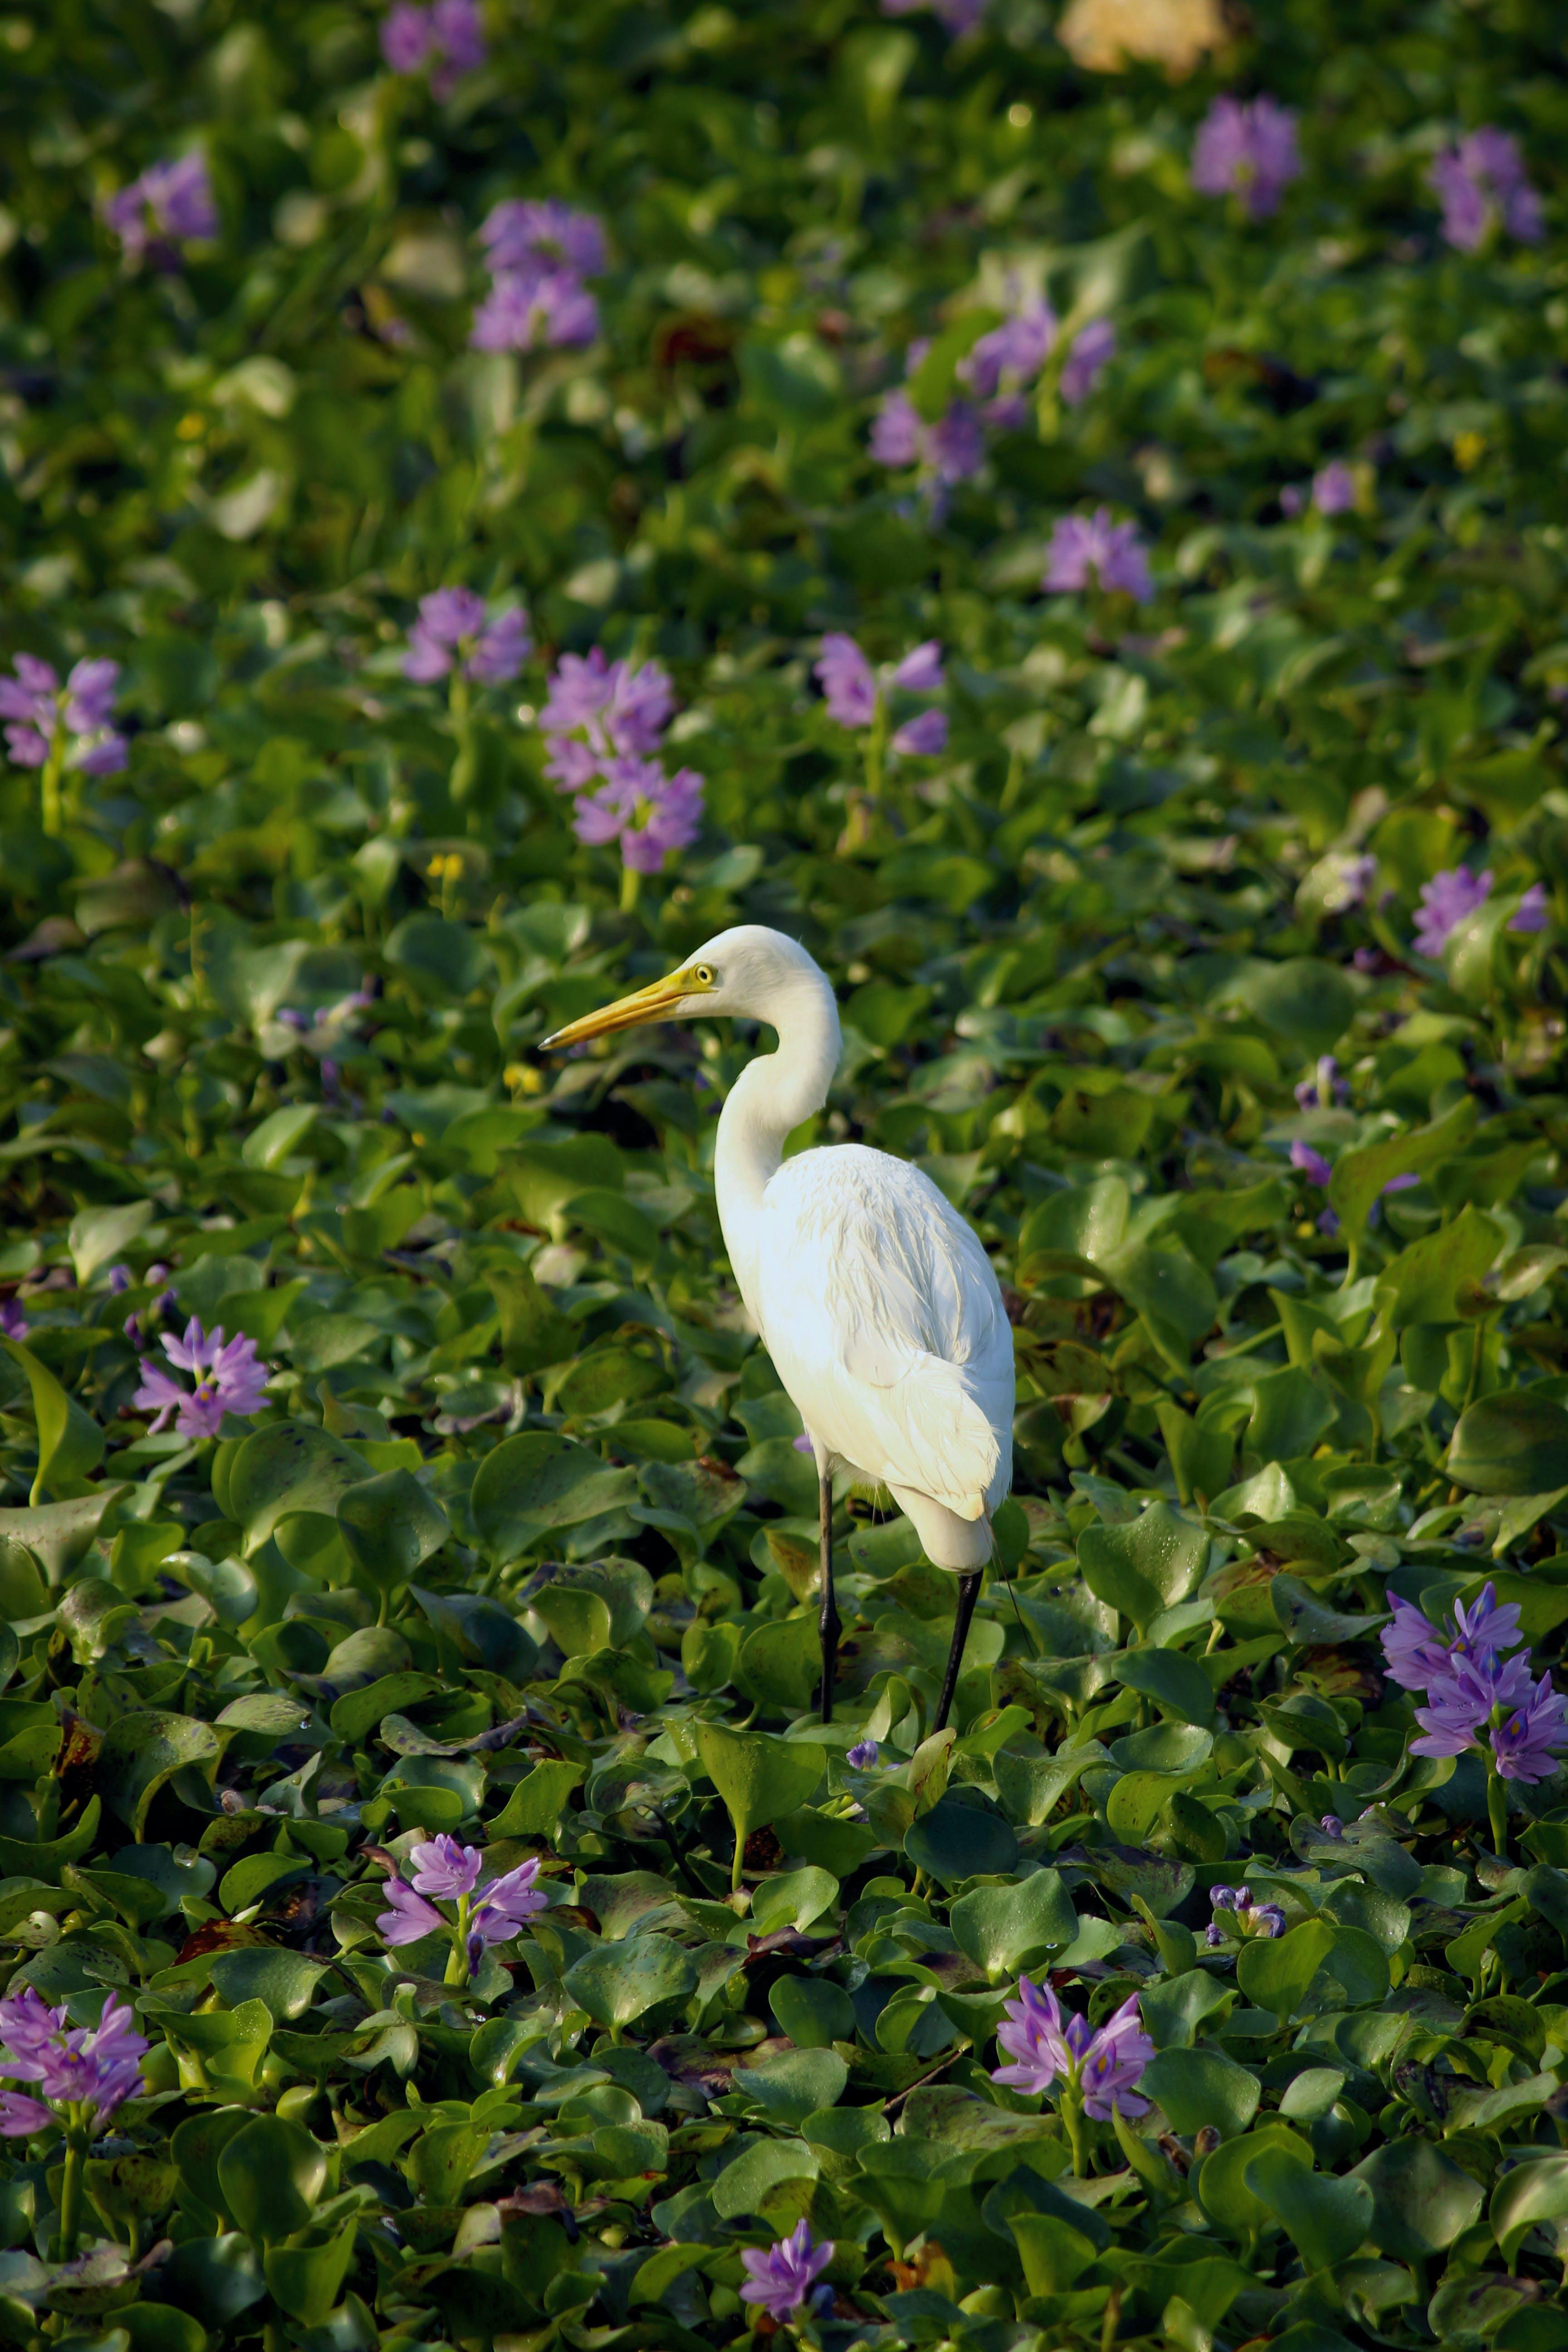 White Bird Decor on Green Grass Field